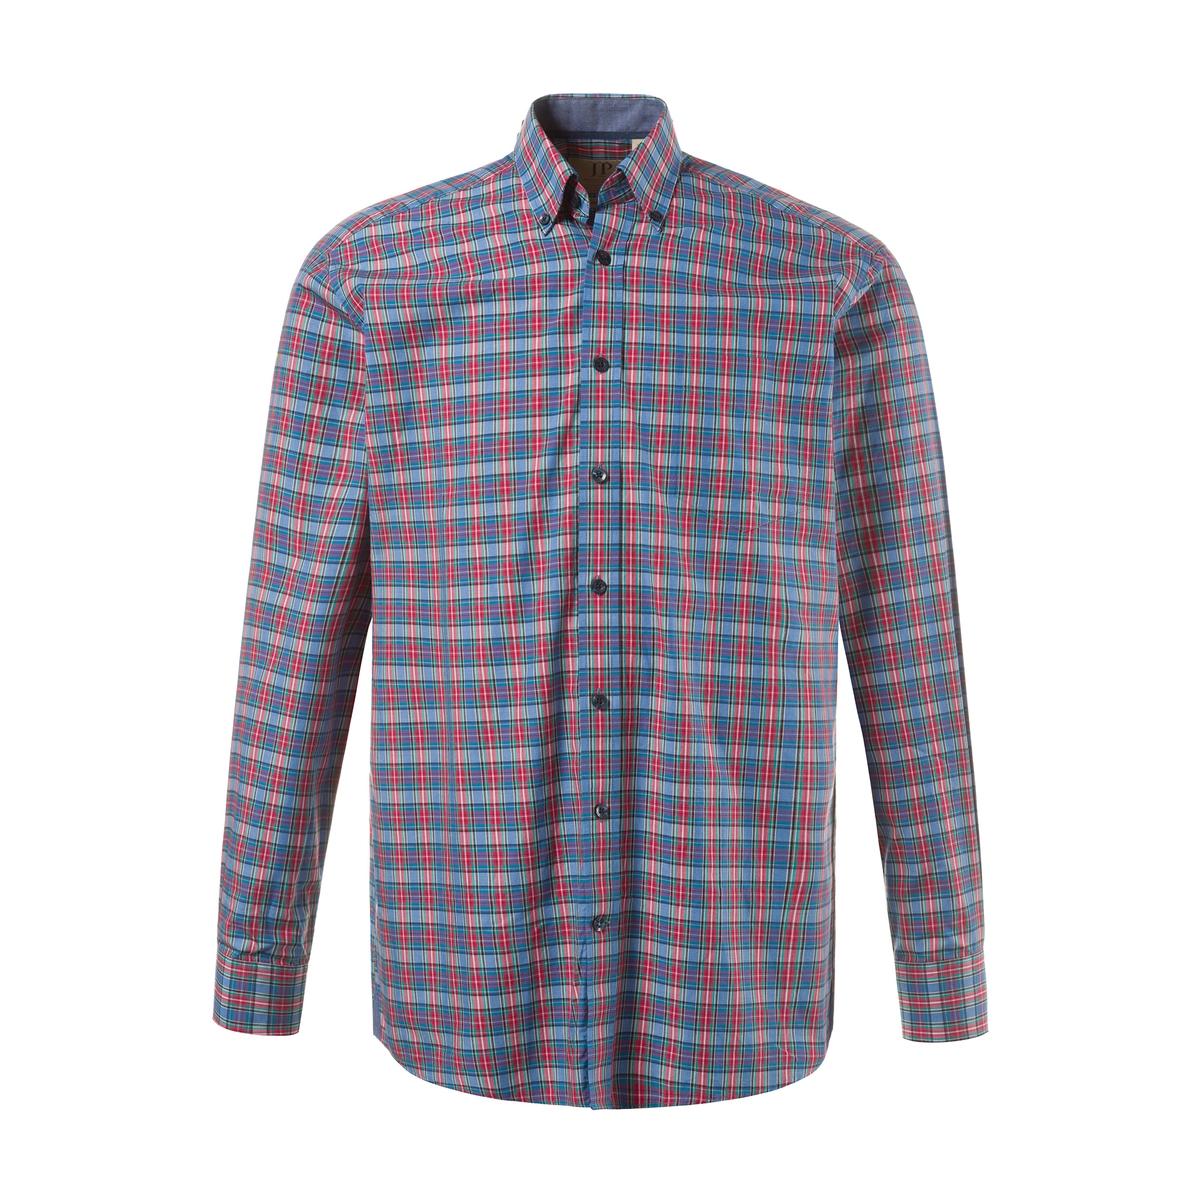 РубашкаРубашка в клетку с длинными рукавами. 100% хлопок.<br><br>Цвет: в клетку<br>Размер: L.7XL.6XL.5XL.XL